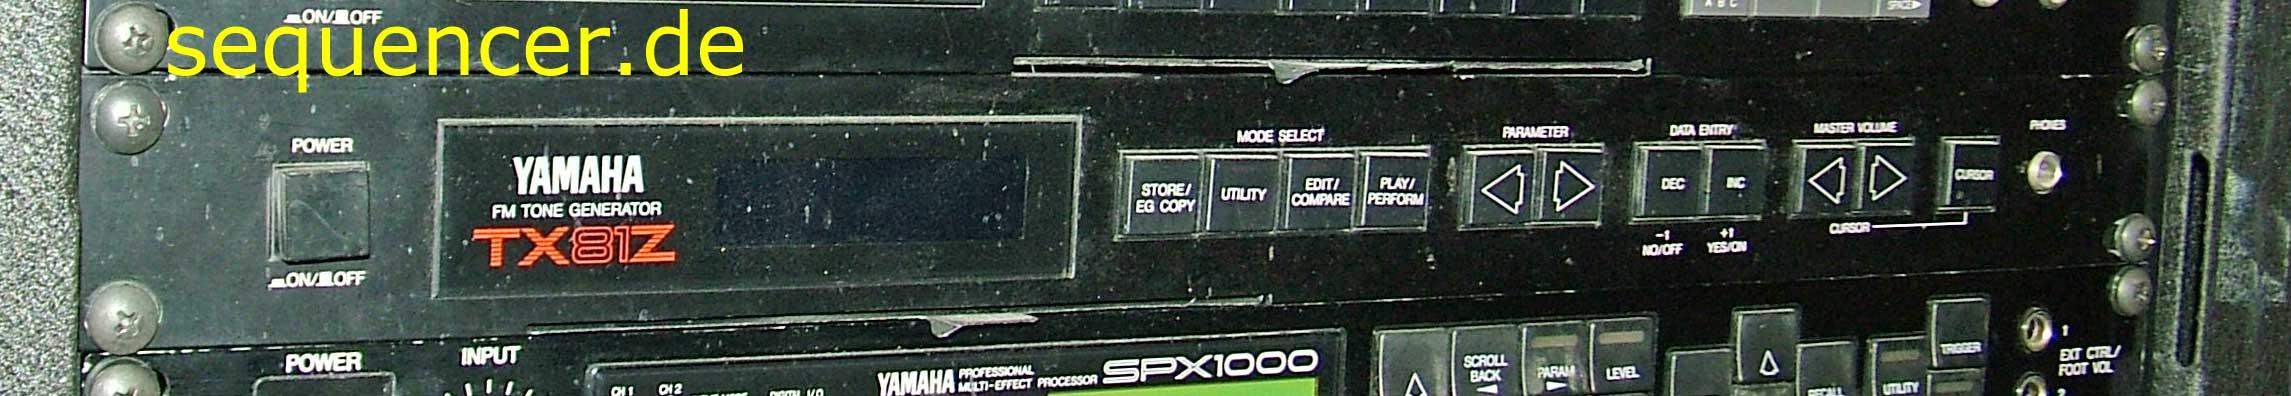 Yamaha TX-81z Yamaha TX-81z synthesizer